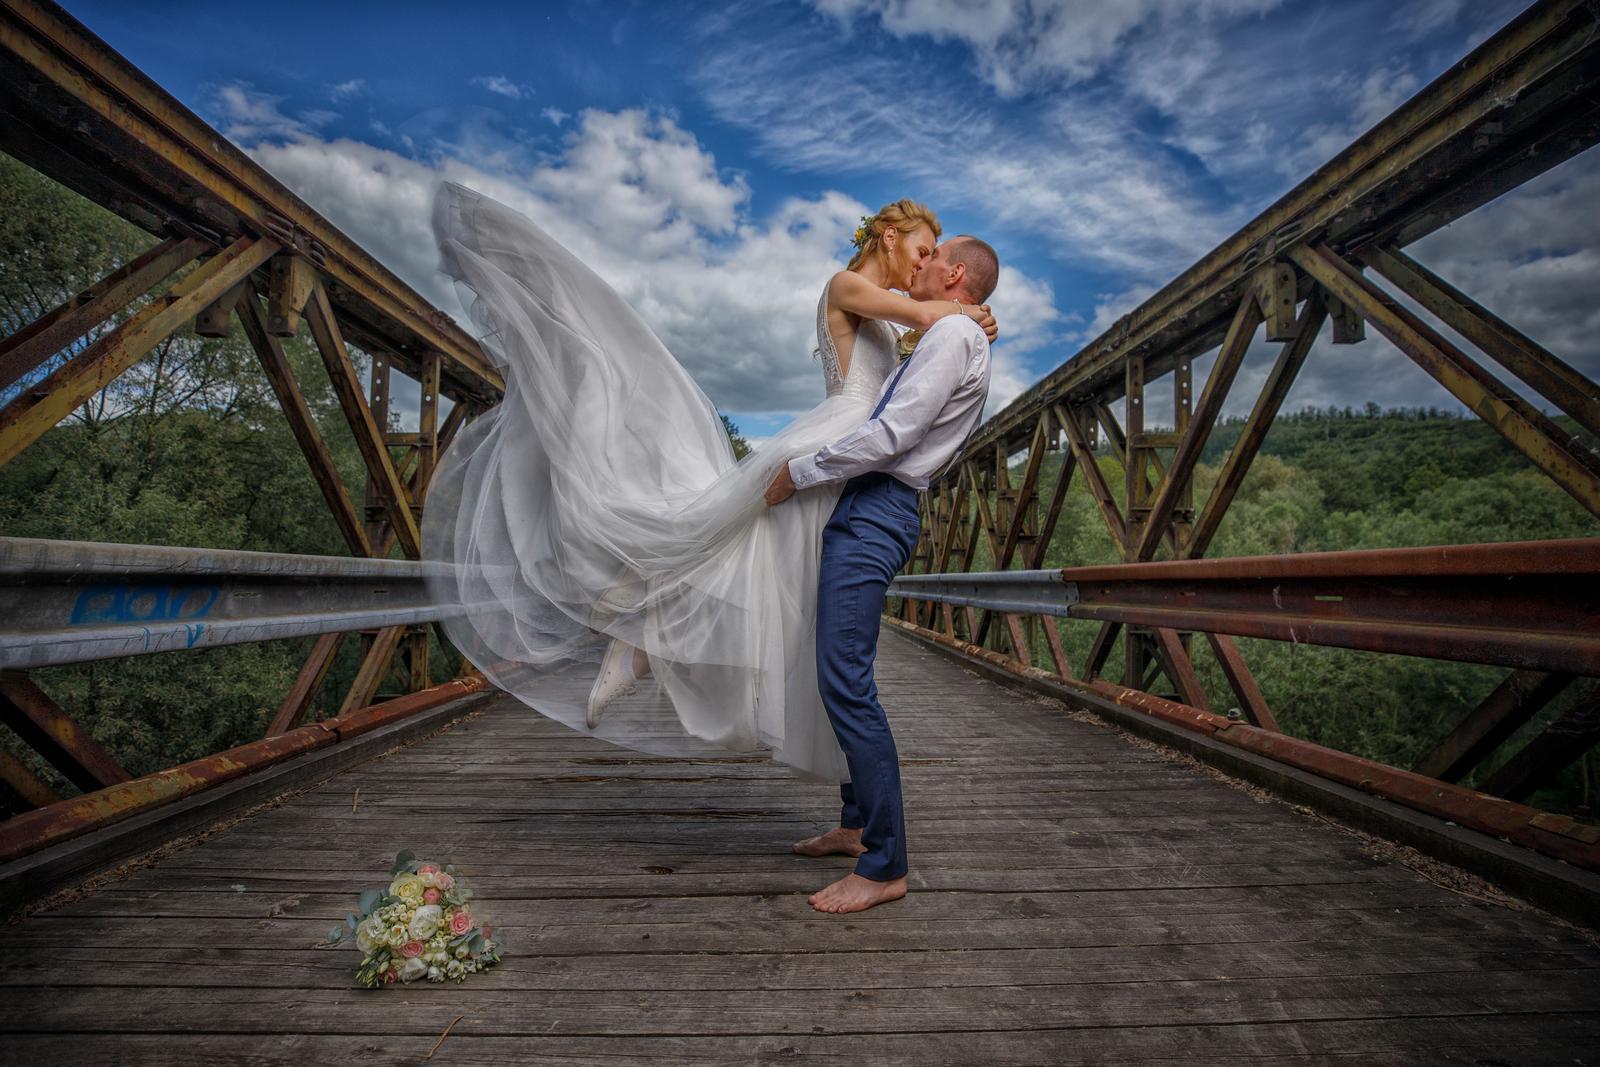 weddingsphoto_cz - Obrázek č. 6